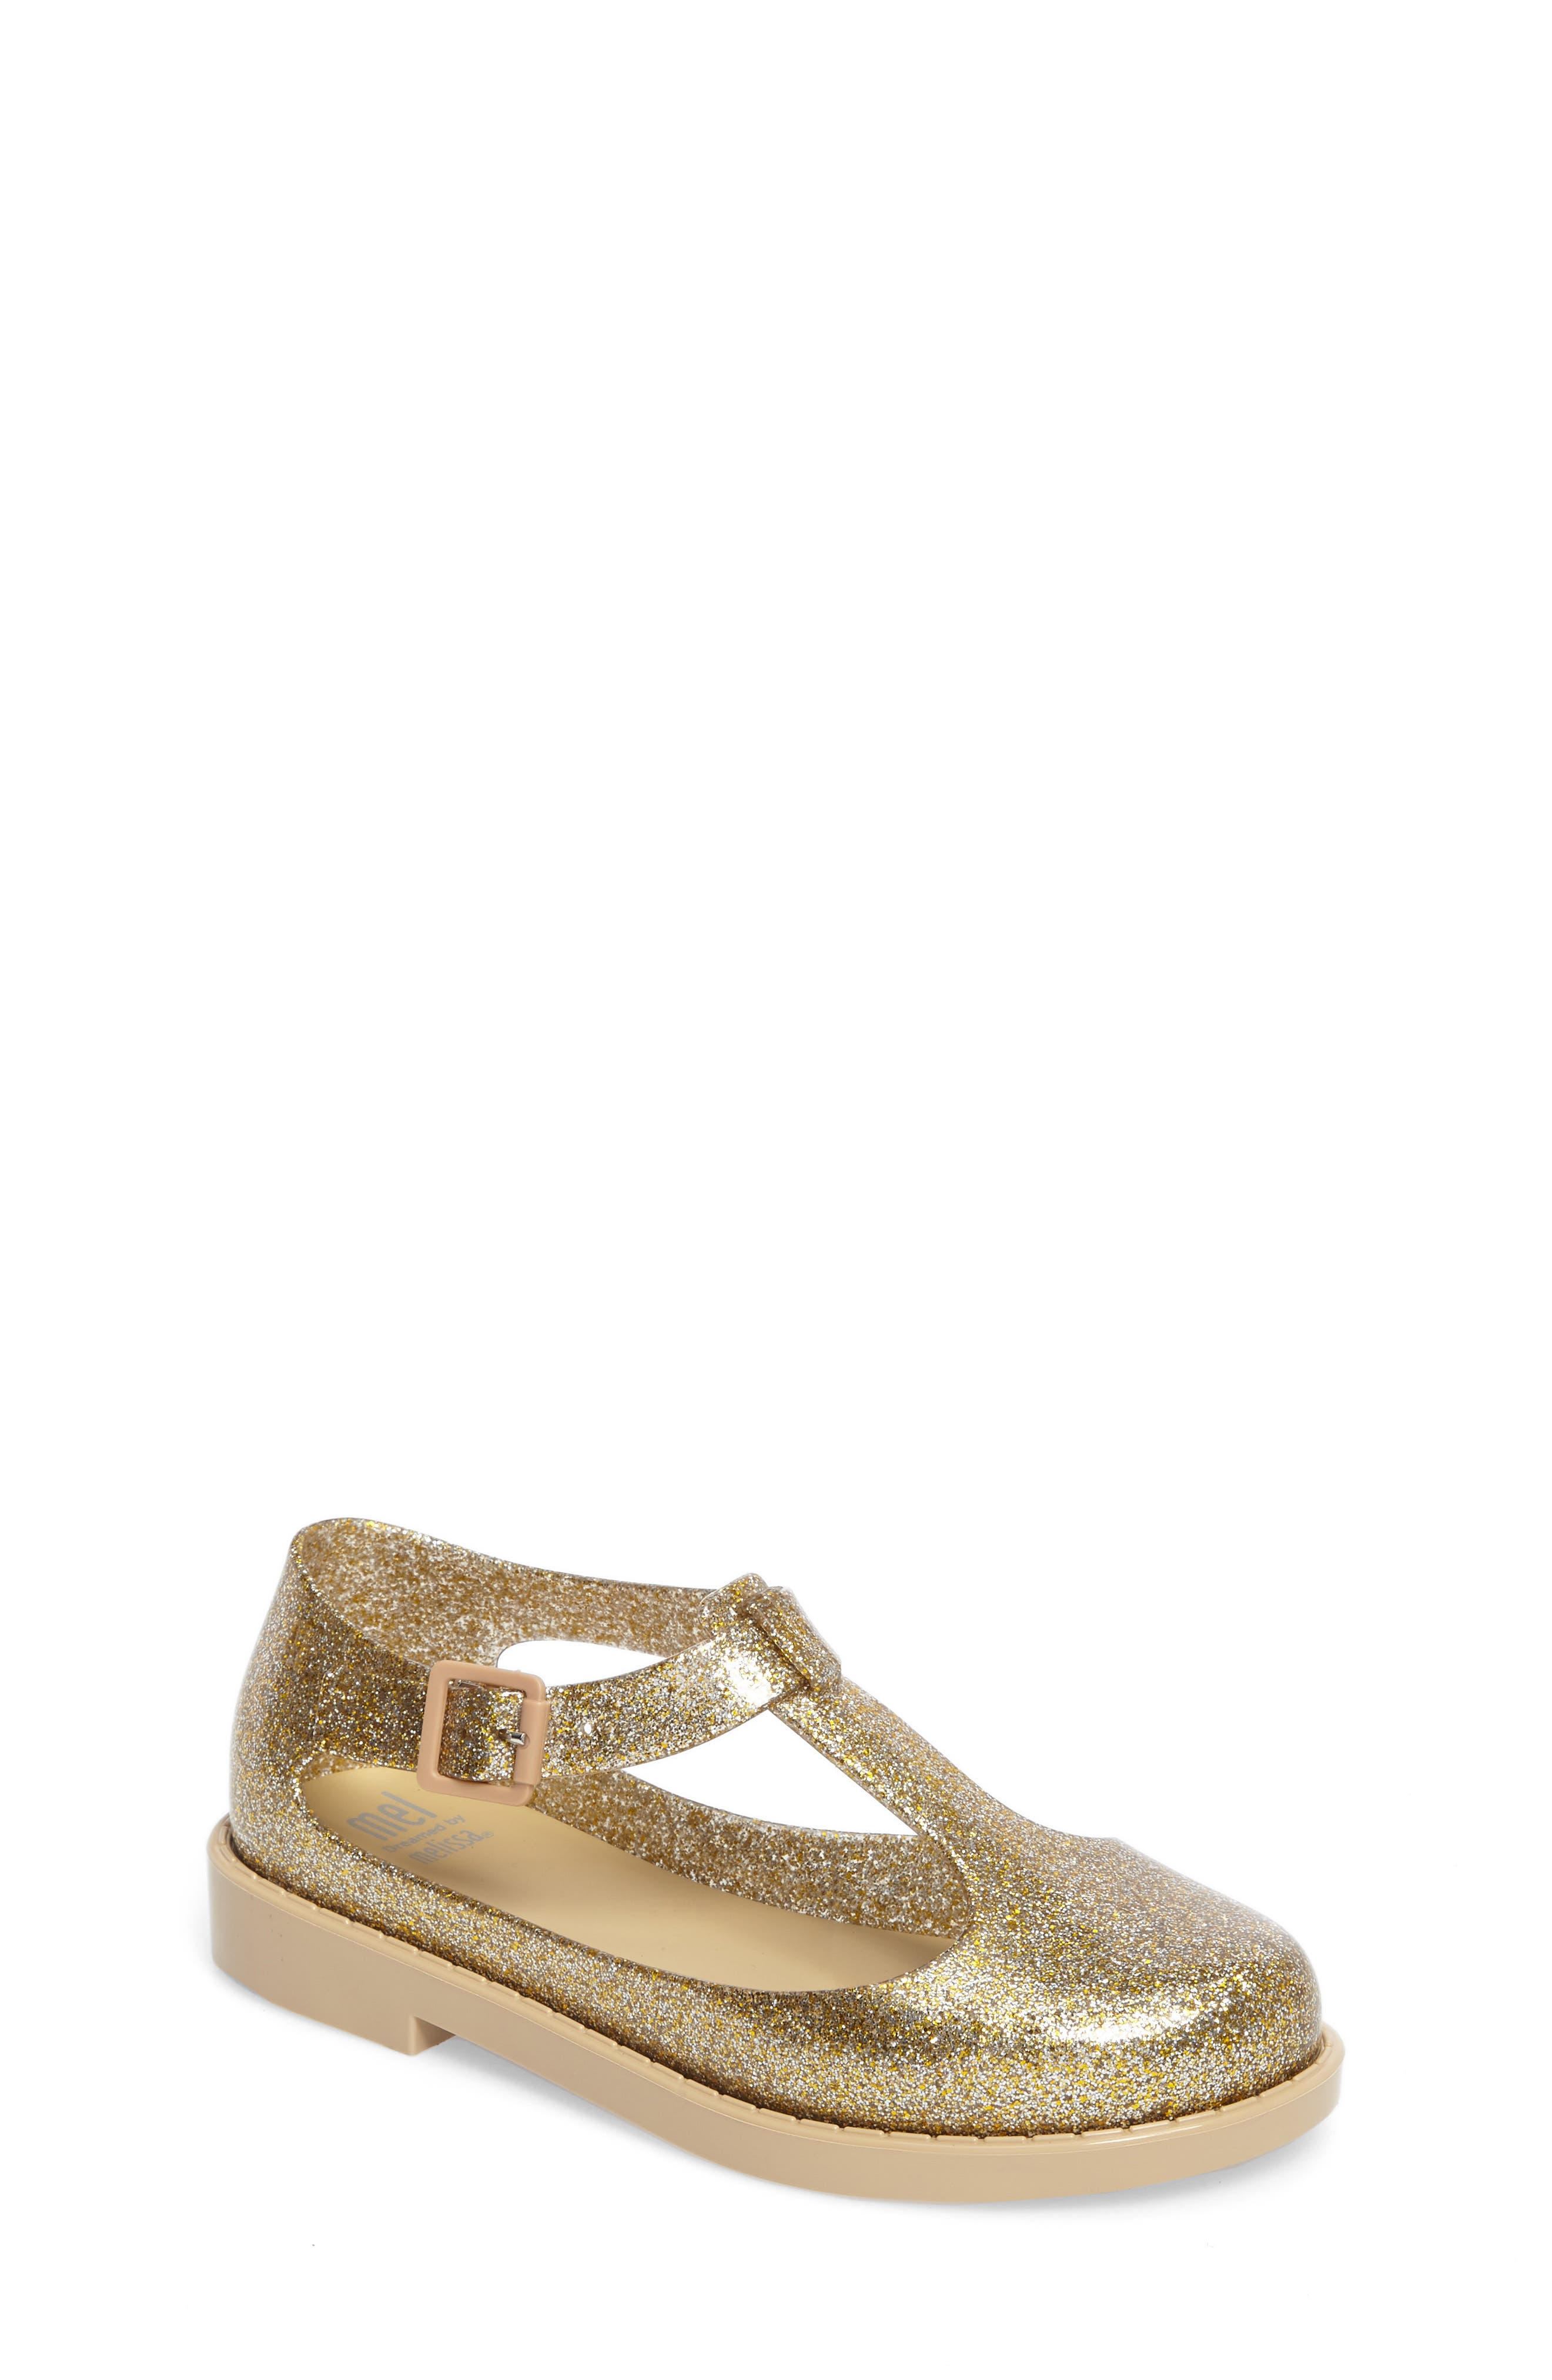 Kazakova T-Strap Flat,                         Main,                         color, Gold Glass Glitter